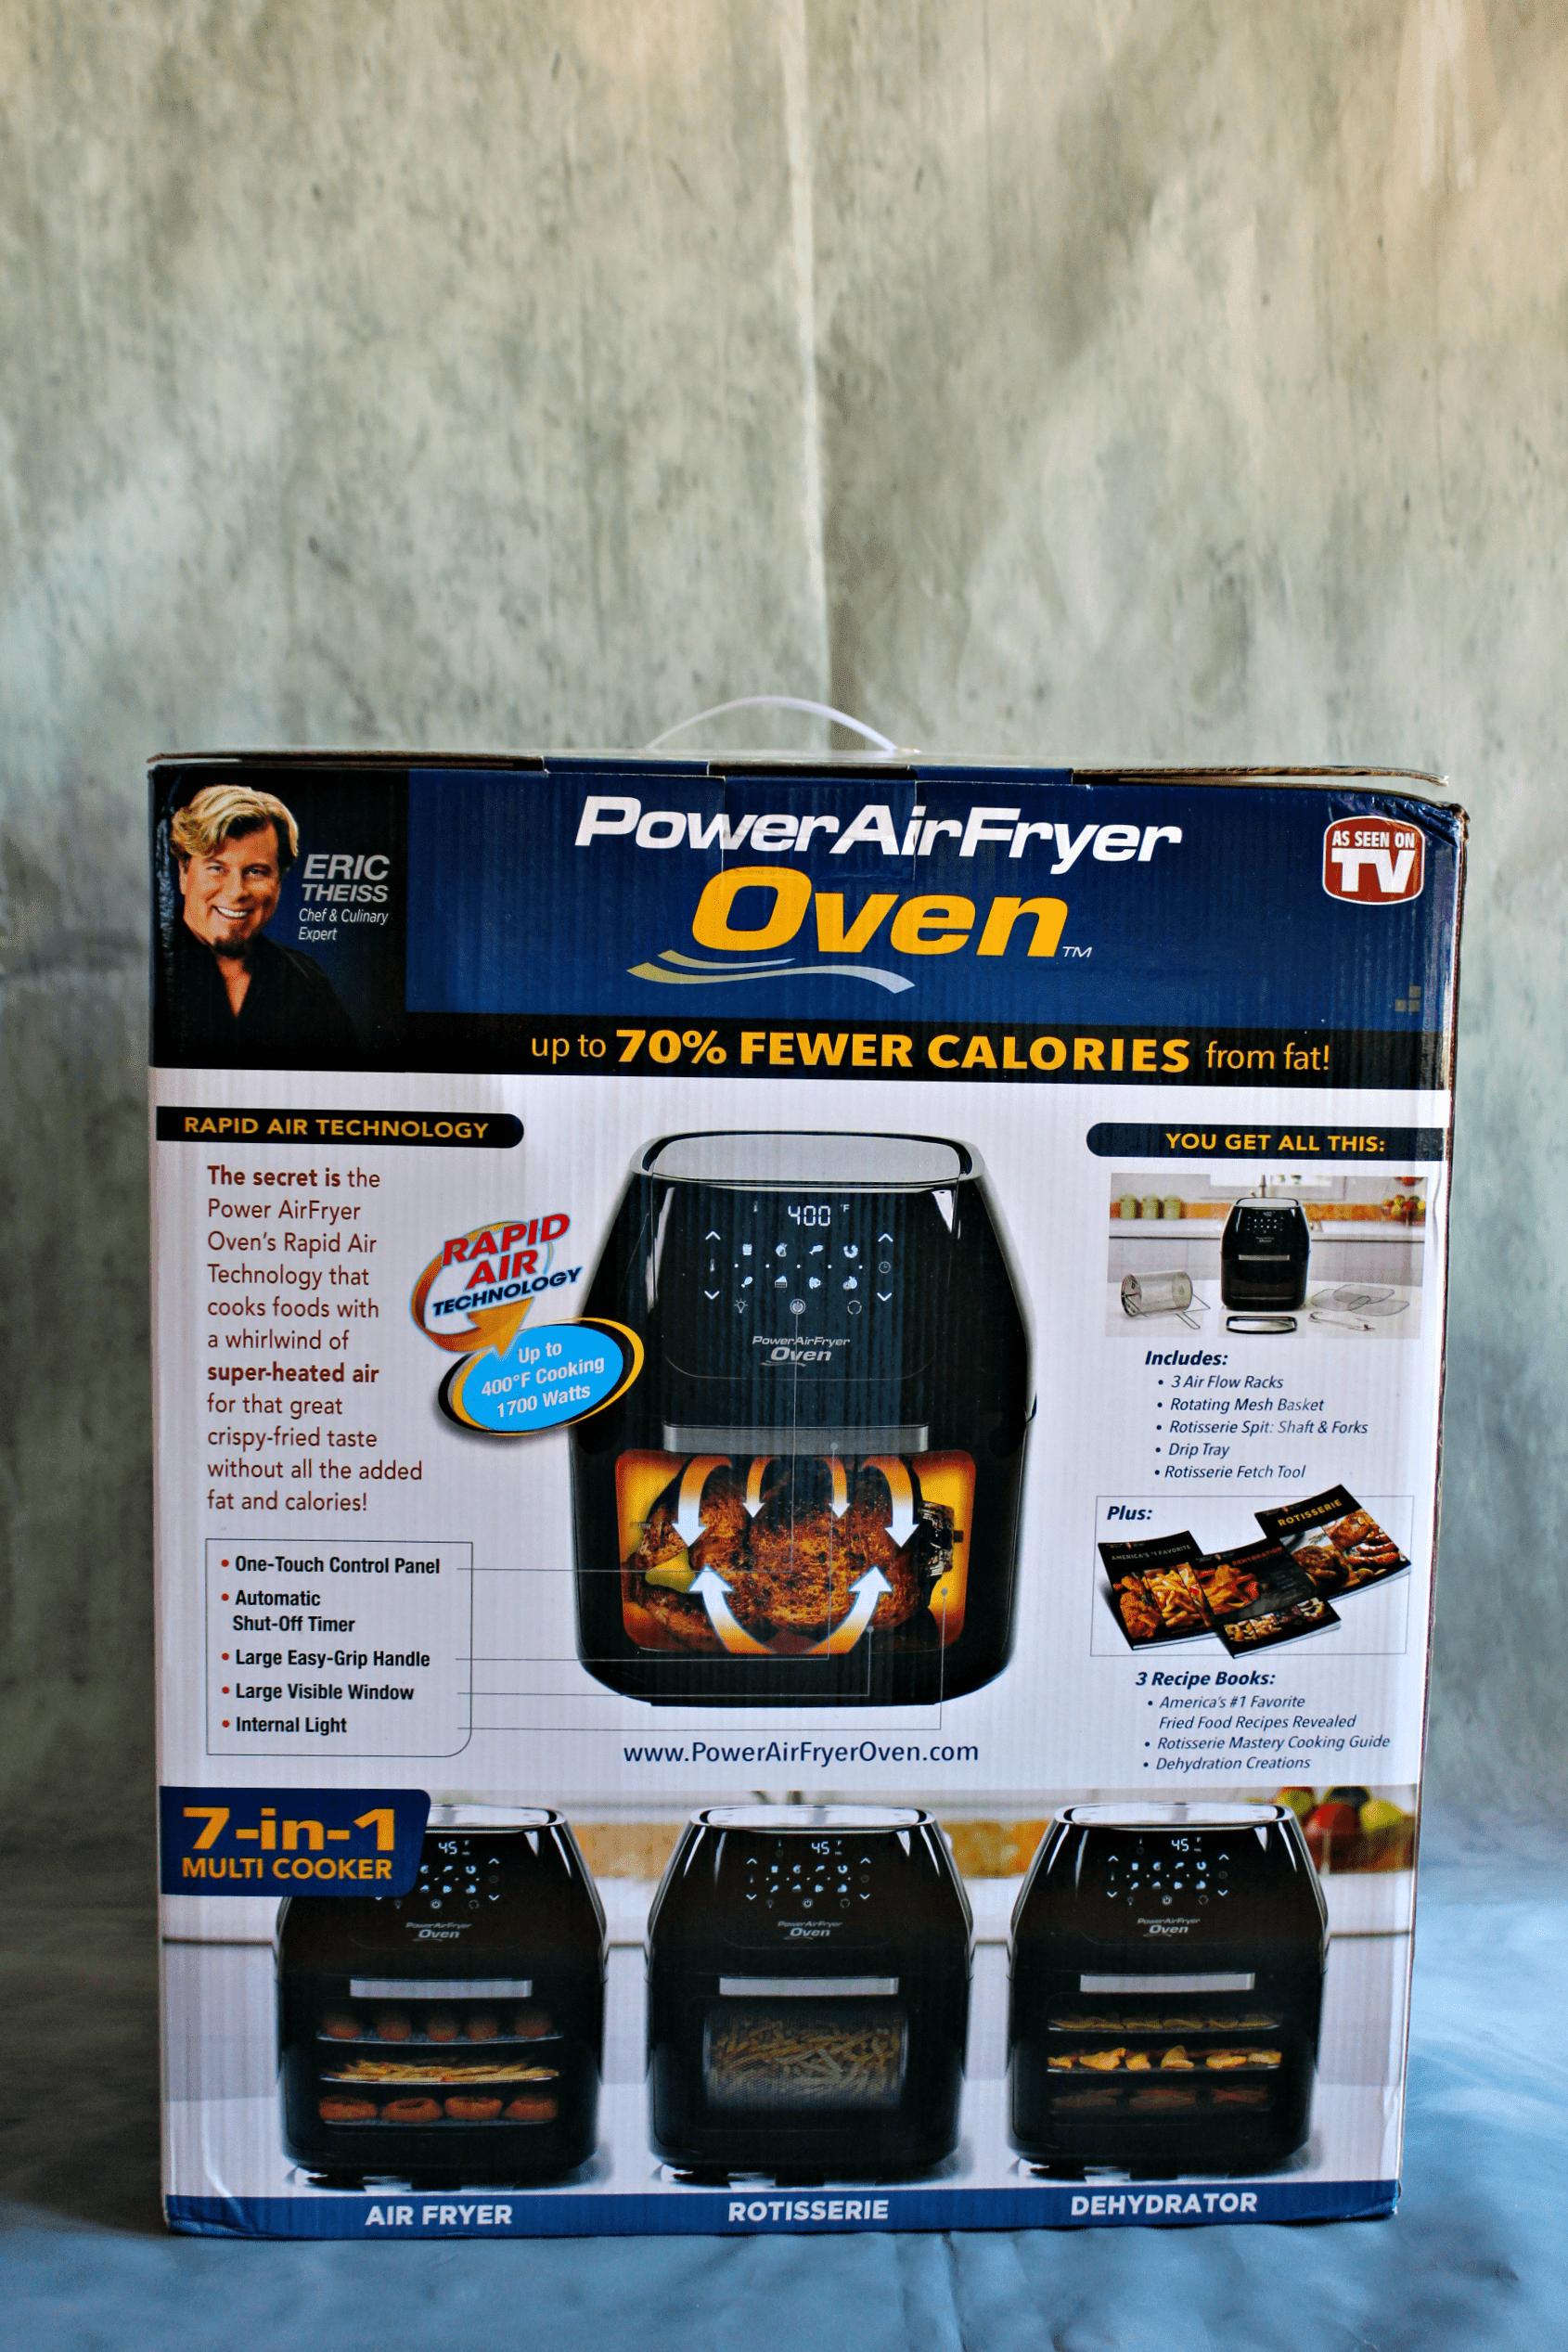 PowerAirFryer-Oven